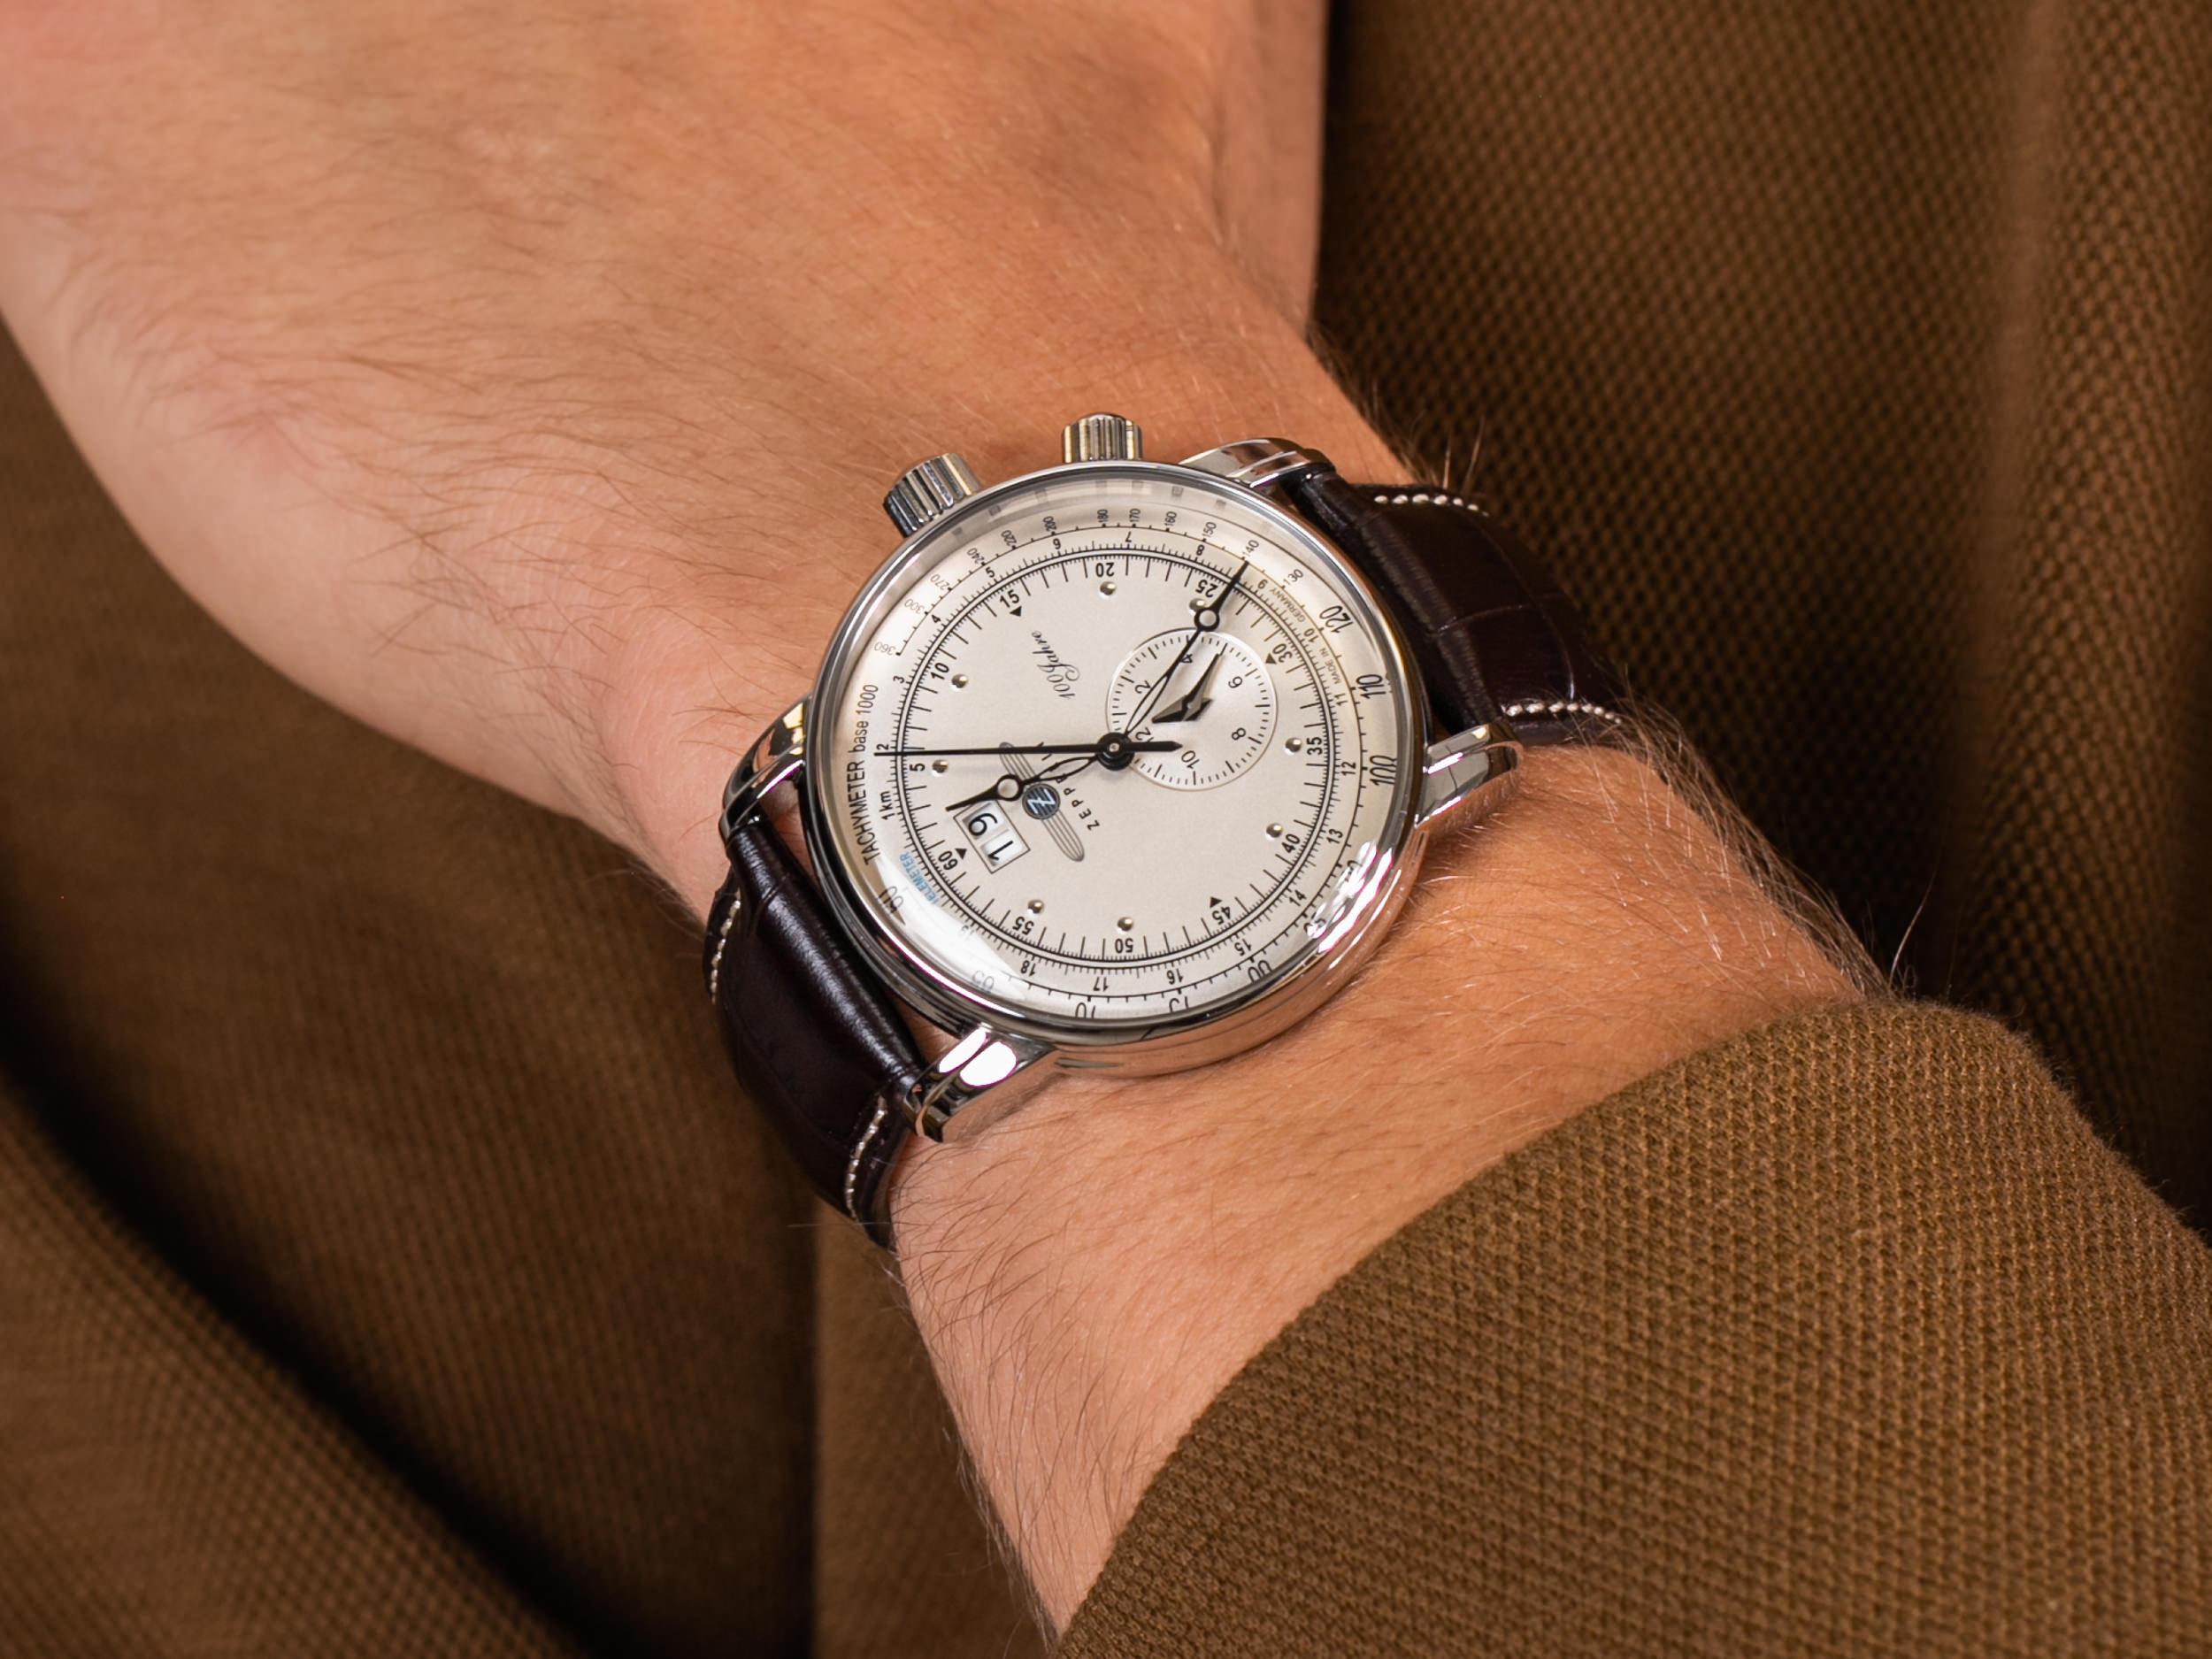 Zeppelin 7640-1 100 Years Zeppelin Quarz zegarek klasyczny 100 Years Zeppelin Ed 1